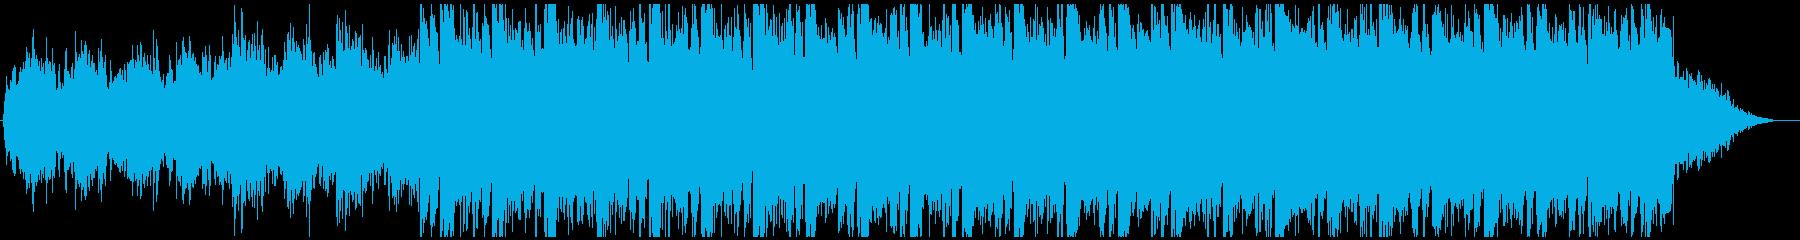 シンセが目立つ壮大な戦闘BGMの再生済みの波形